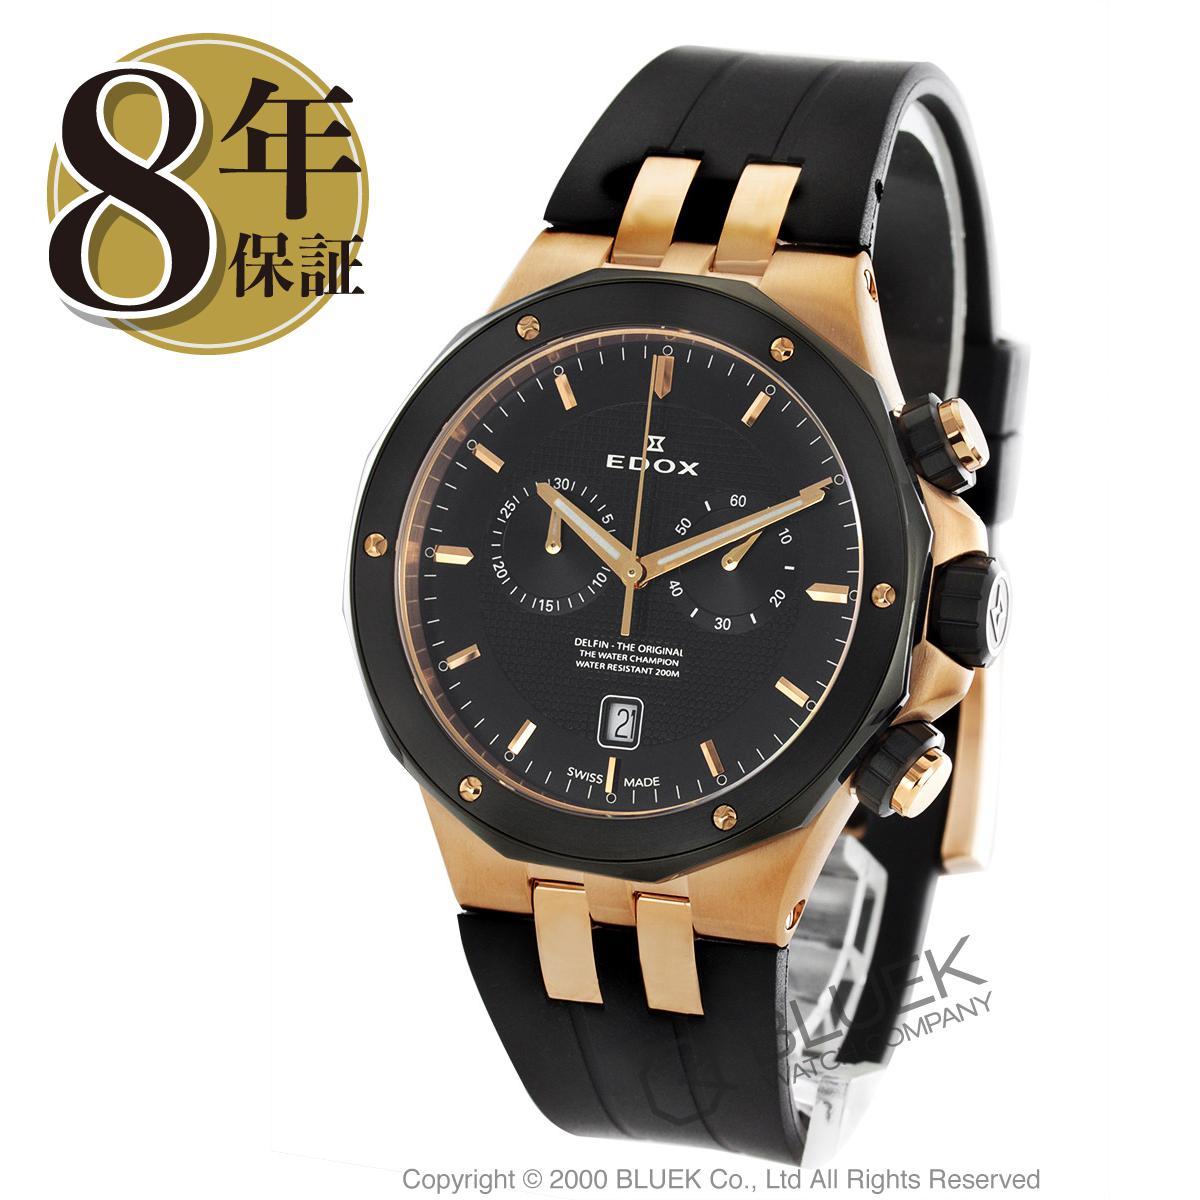 【最大3万円割引クーポン 11/01~】エドックス デルフィン クロノグラフ 腕時計 メンズ EDOX 10110-357RNCA-NIR_8